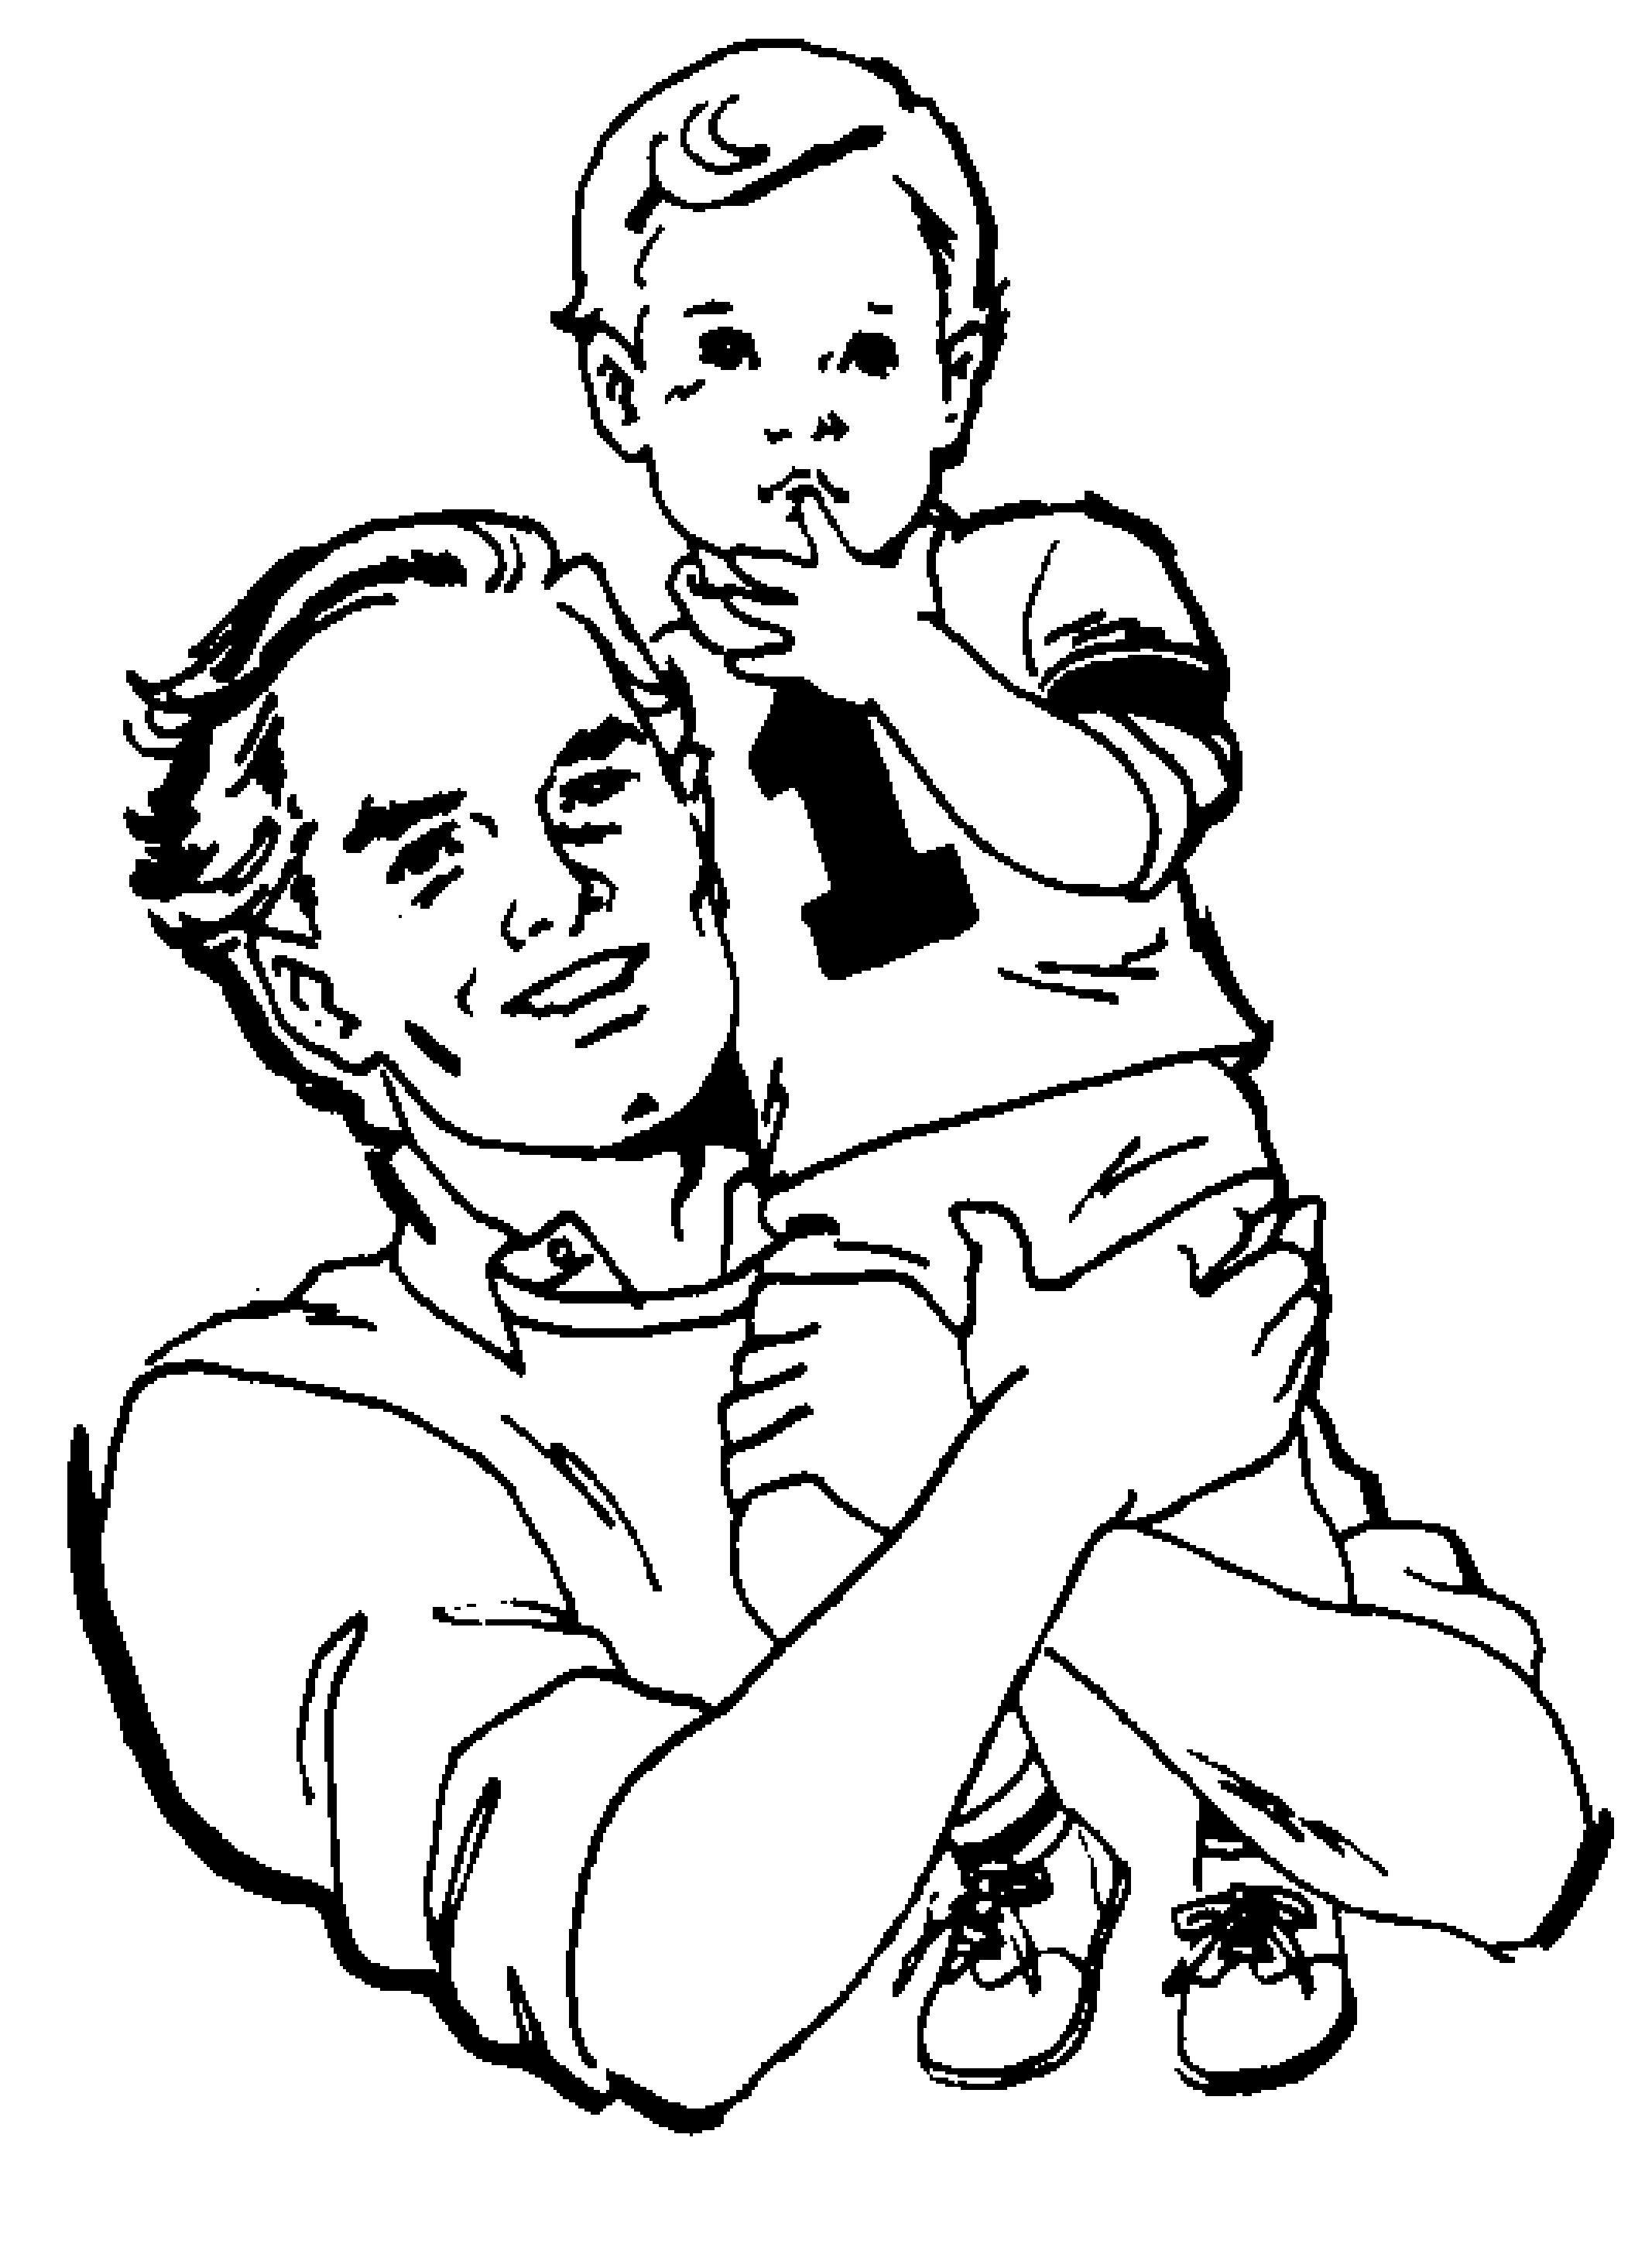 Een Leuke Kleurplaat Voor Vaderdag Kijk Op De Surfsleutel Voor De Printversie Kleurplaten Vaderdag Voor Kinderen